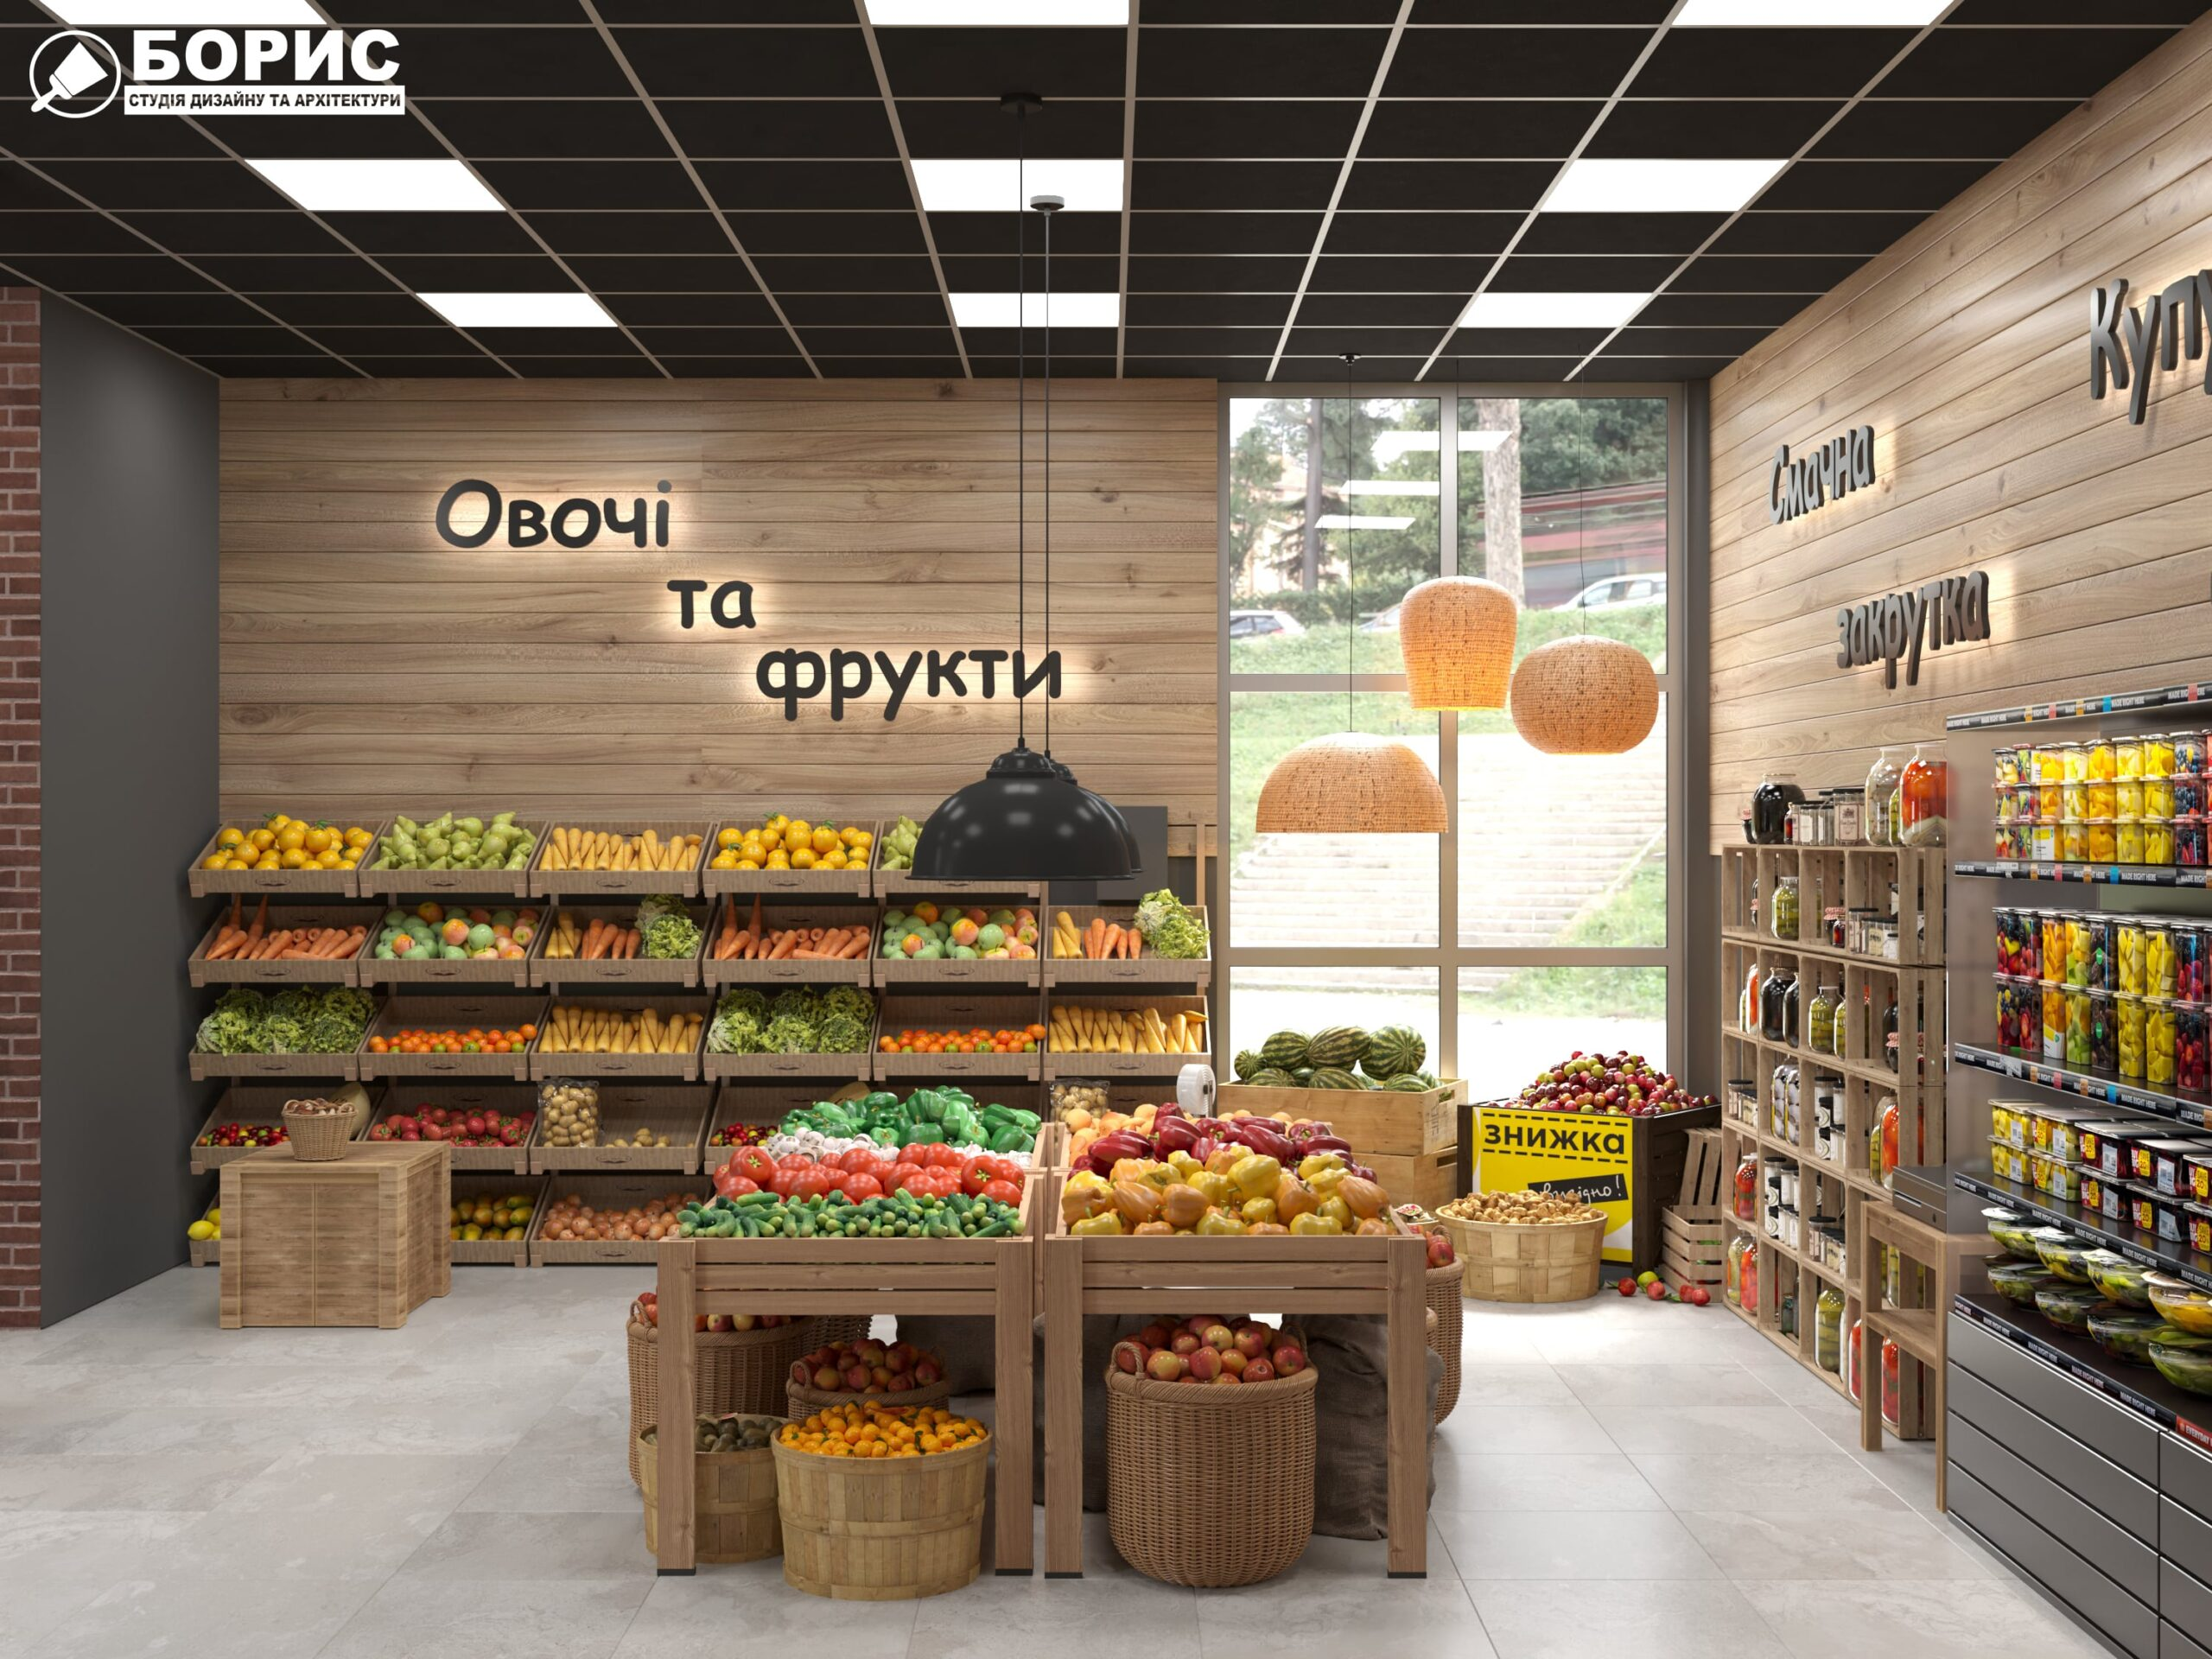 Дизайн интерьера овощного магазина по ул. Героев Труда